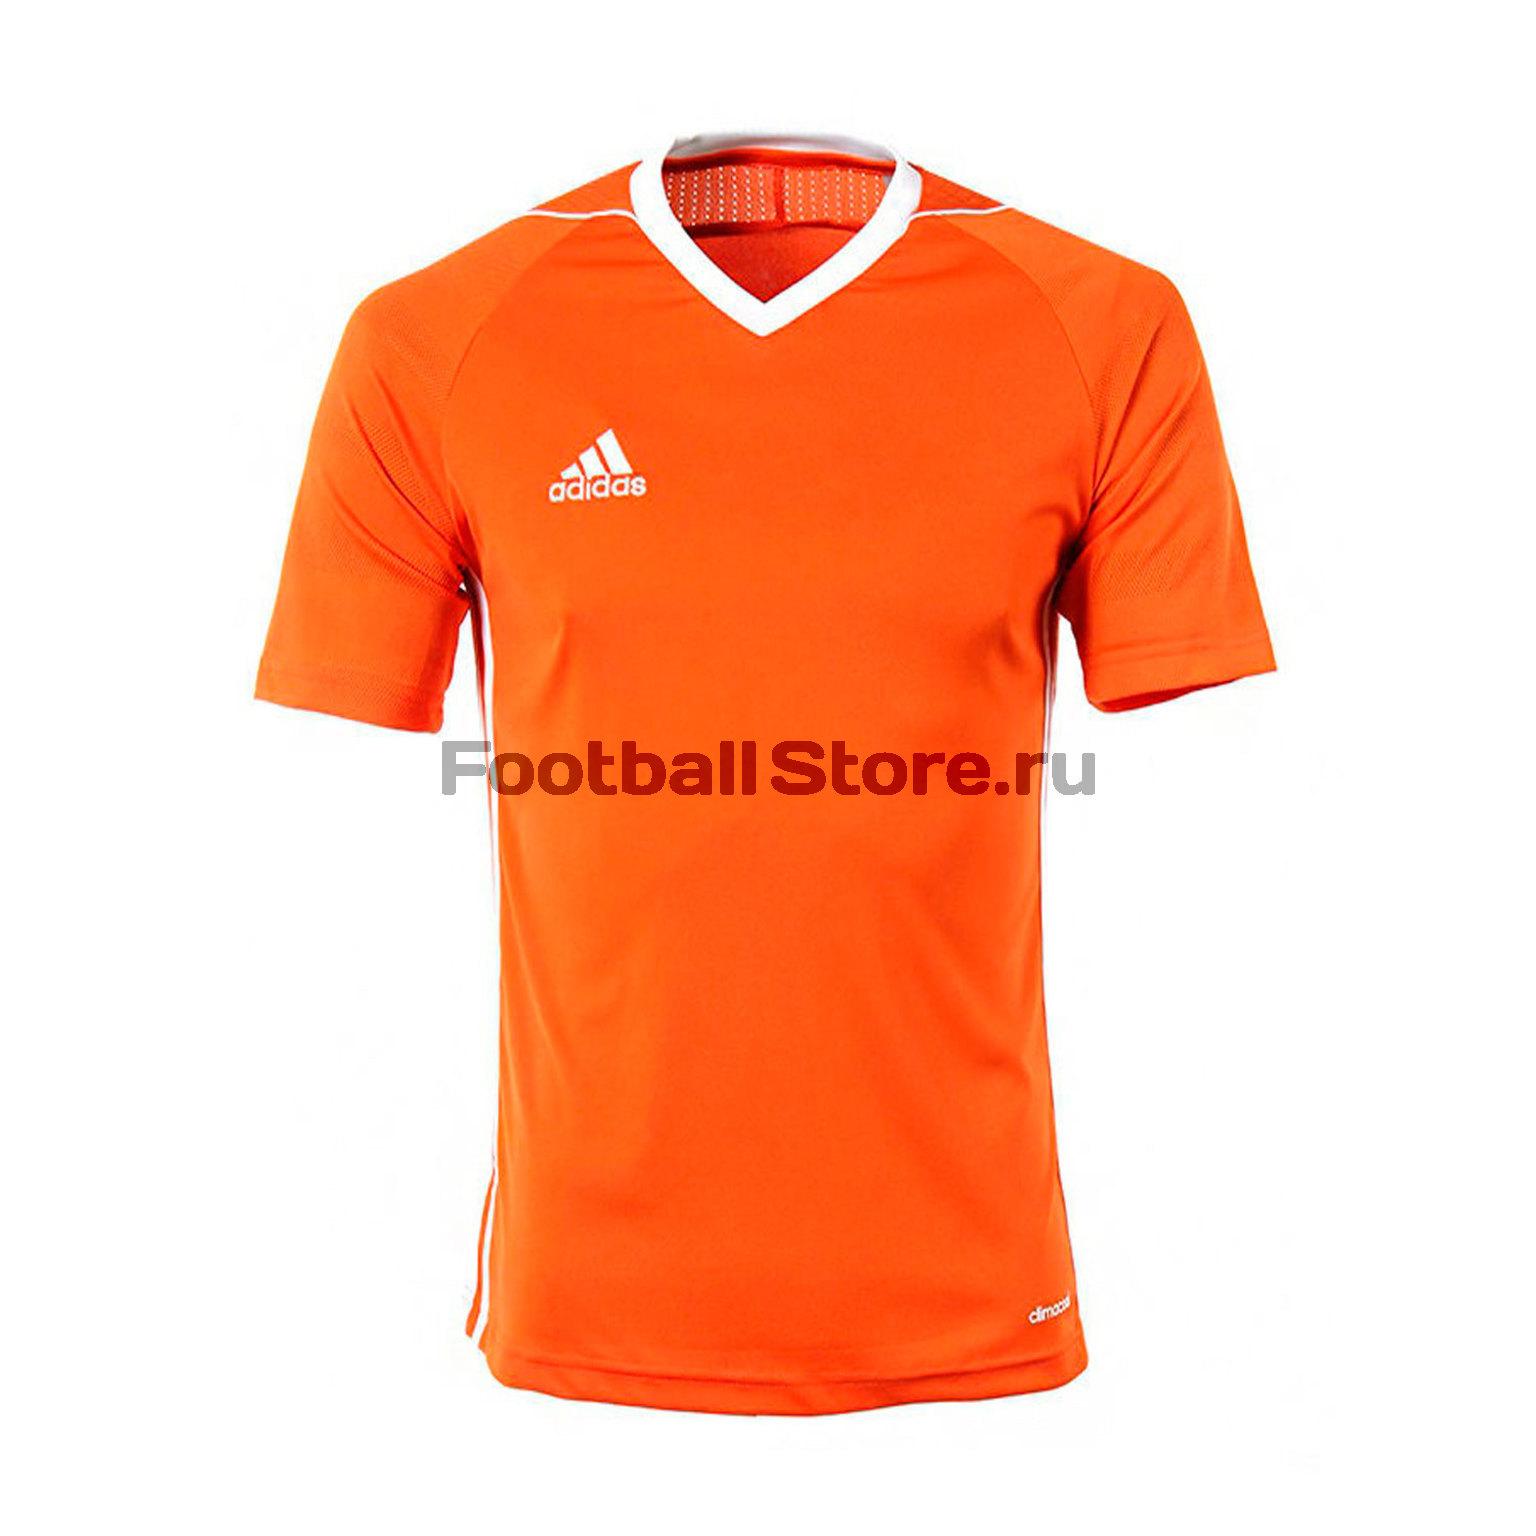 Футболка игровая Adidas Tiro 17 BS4216